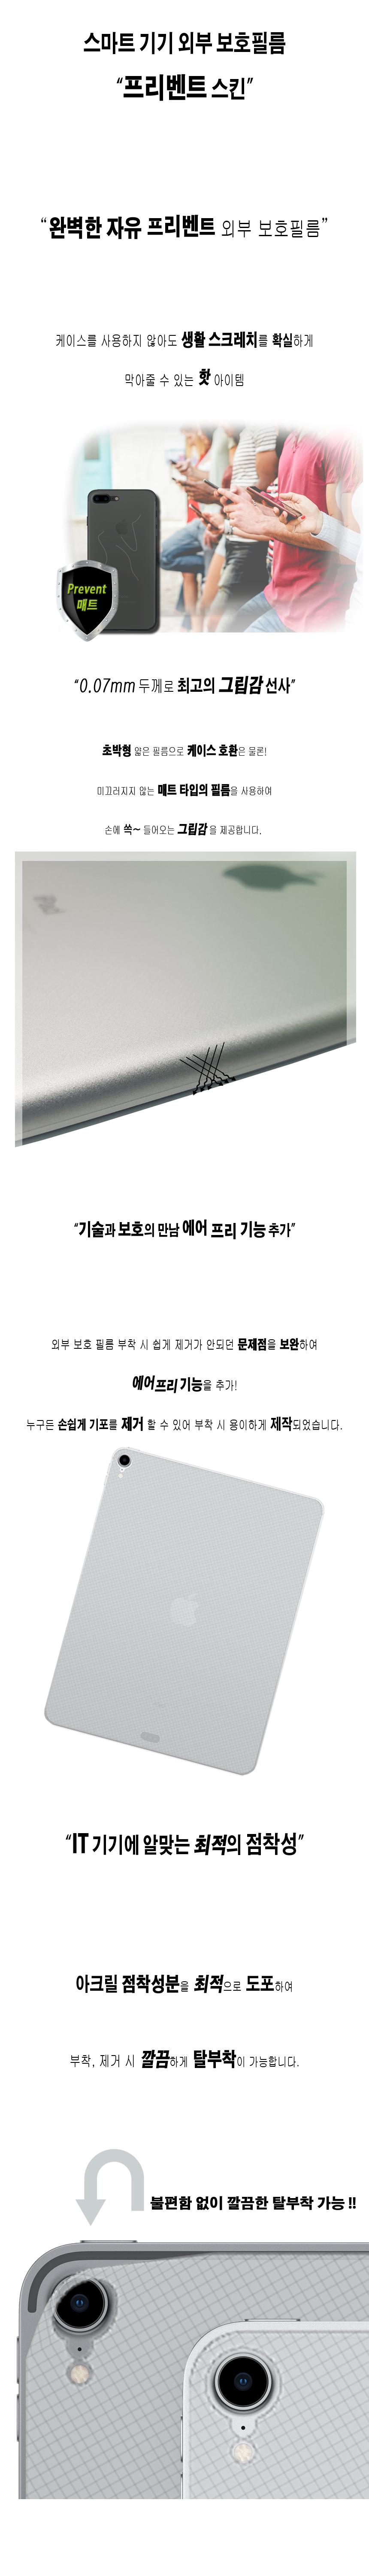 갤럭시북 12 종이질감(소프트) 액정+후면 보호필름 세트 - 좀비베리어, 15,400원, 필름/스킨, 기타 갤럭시 제품